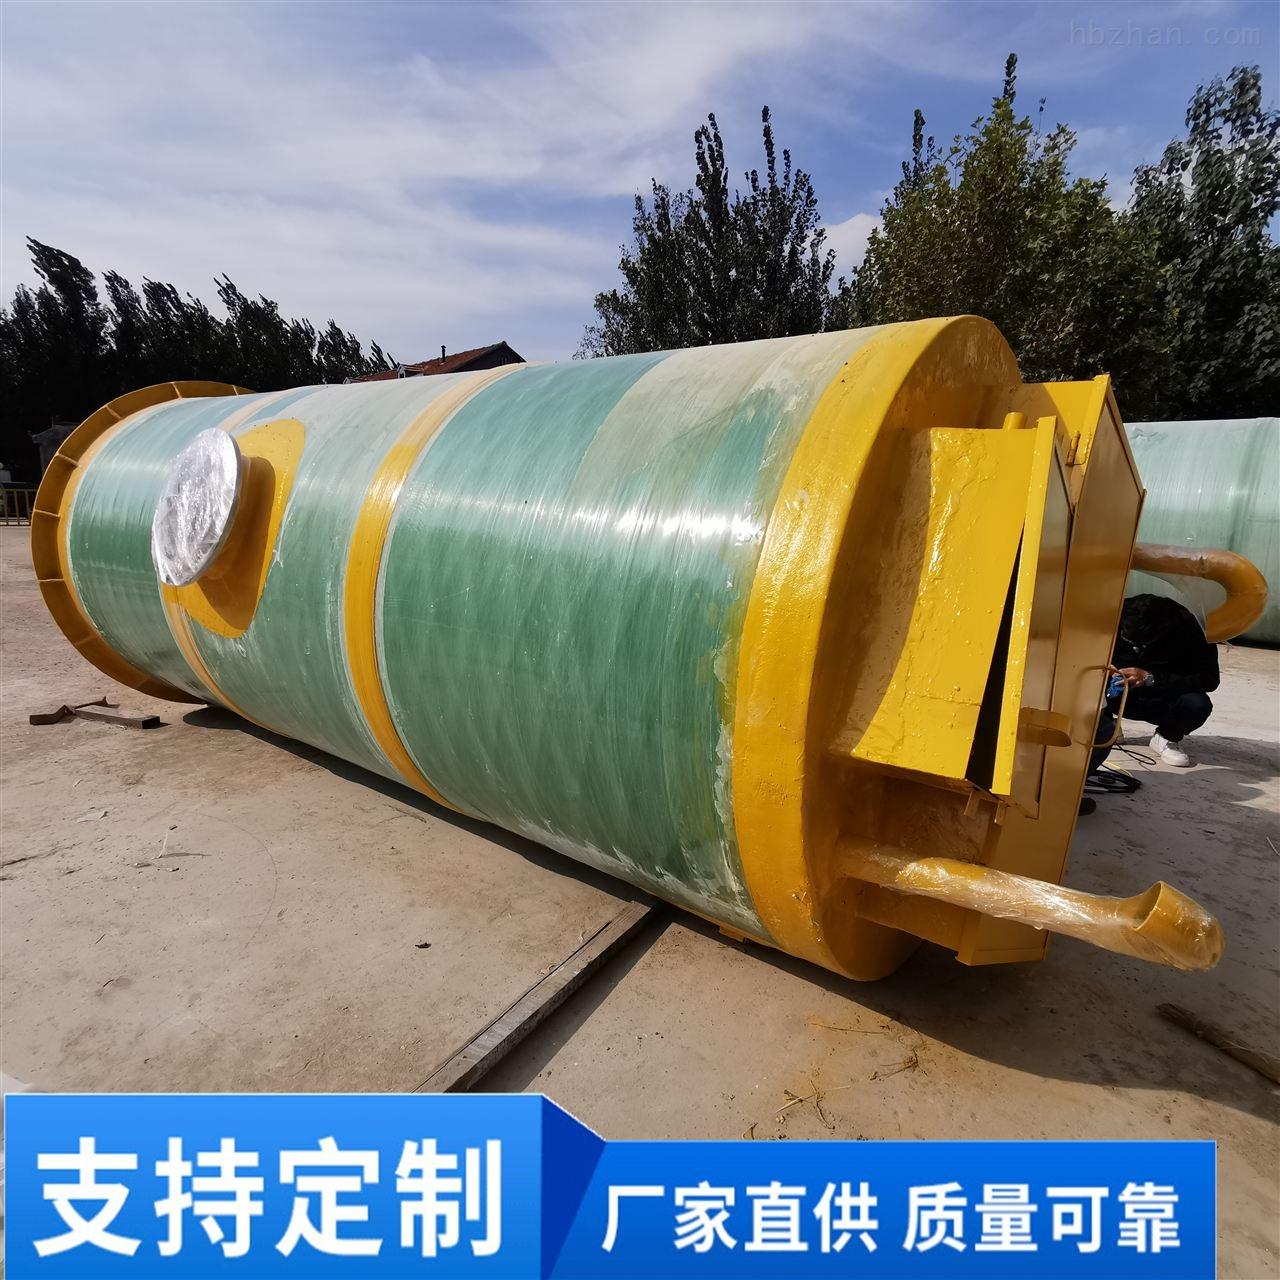 三门峡小区一体化预制泵站用于低洼处雨污水排涝